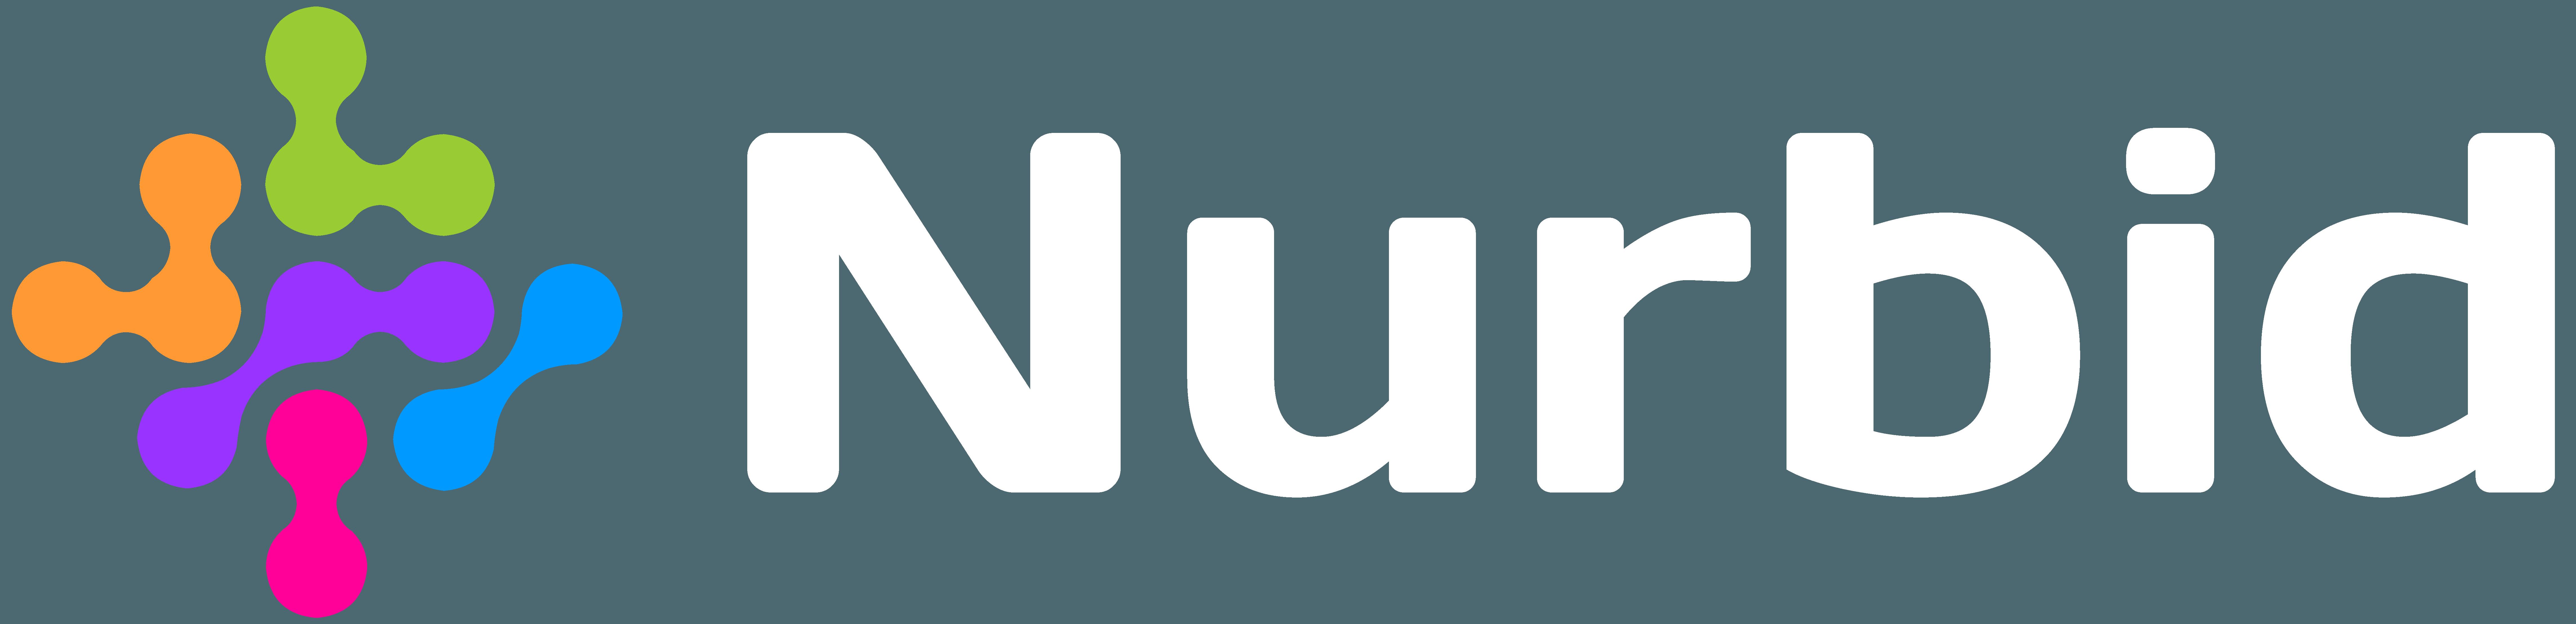 Nurbid